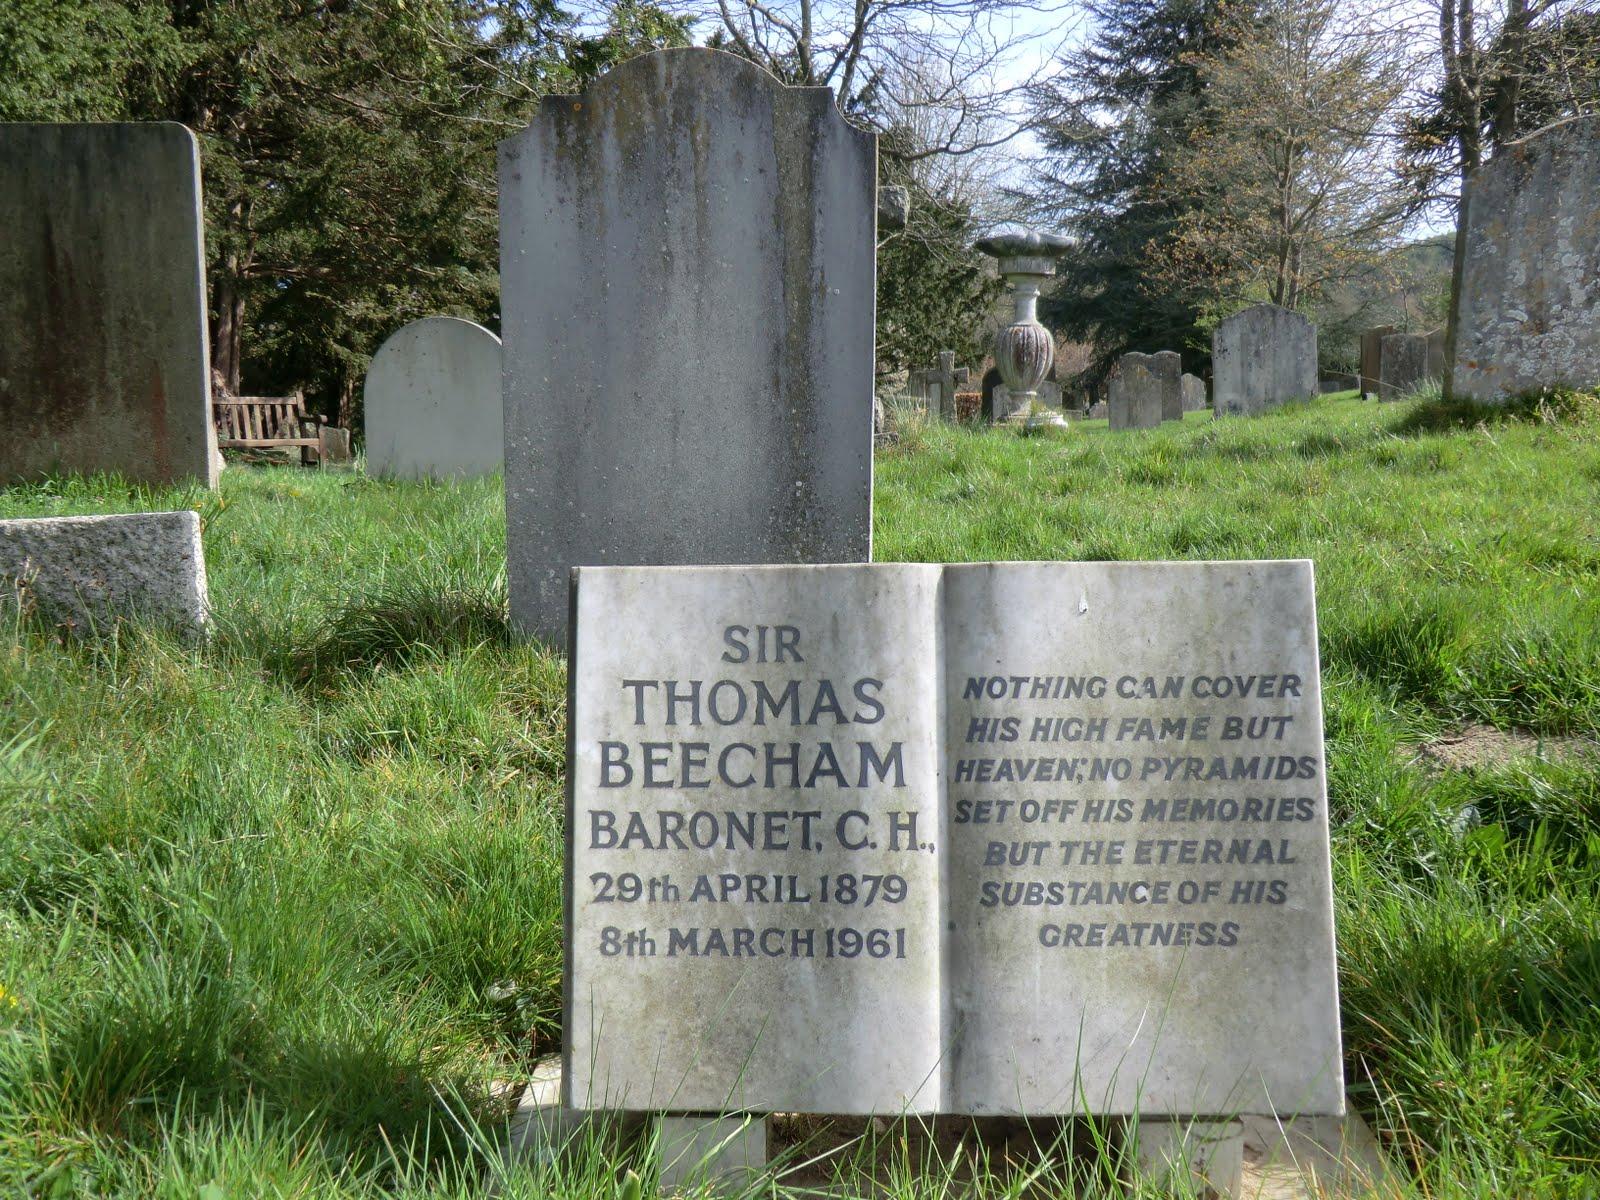 CIMG0324 Beecham memorial, Limspfield church